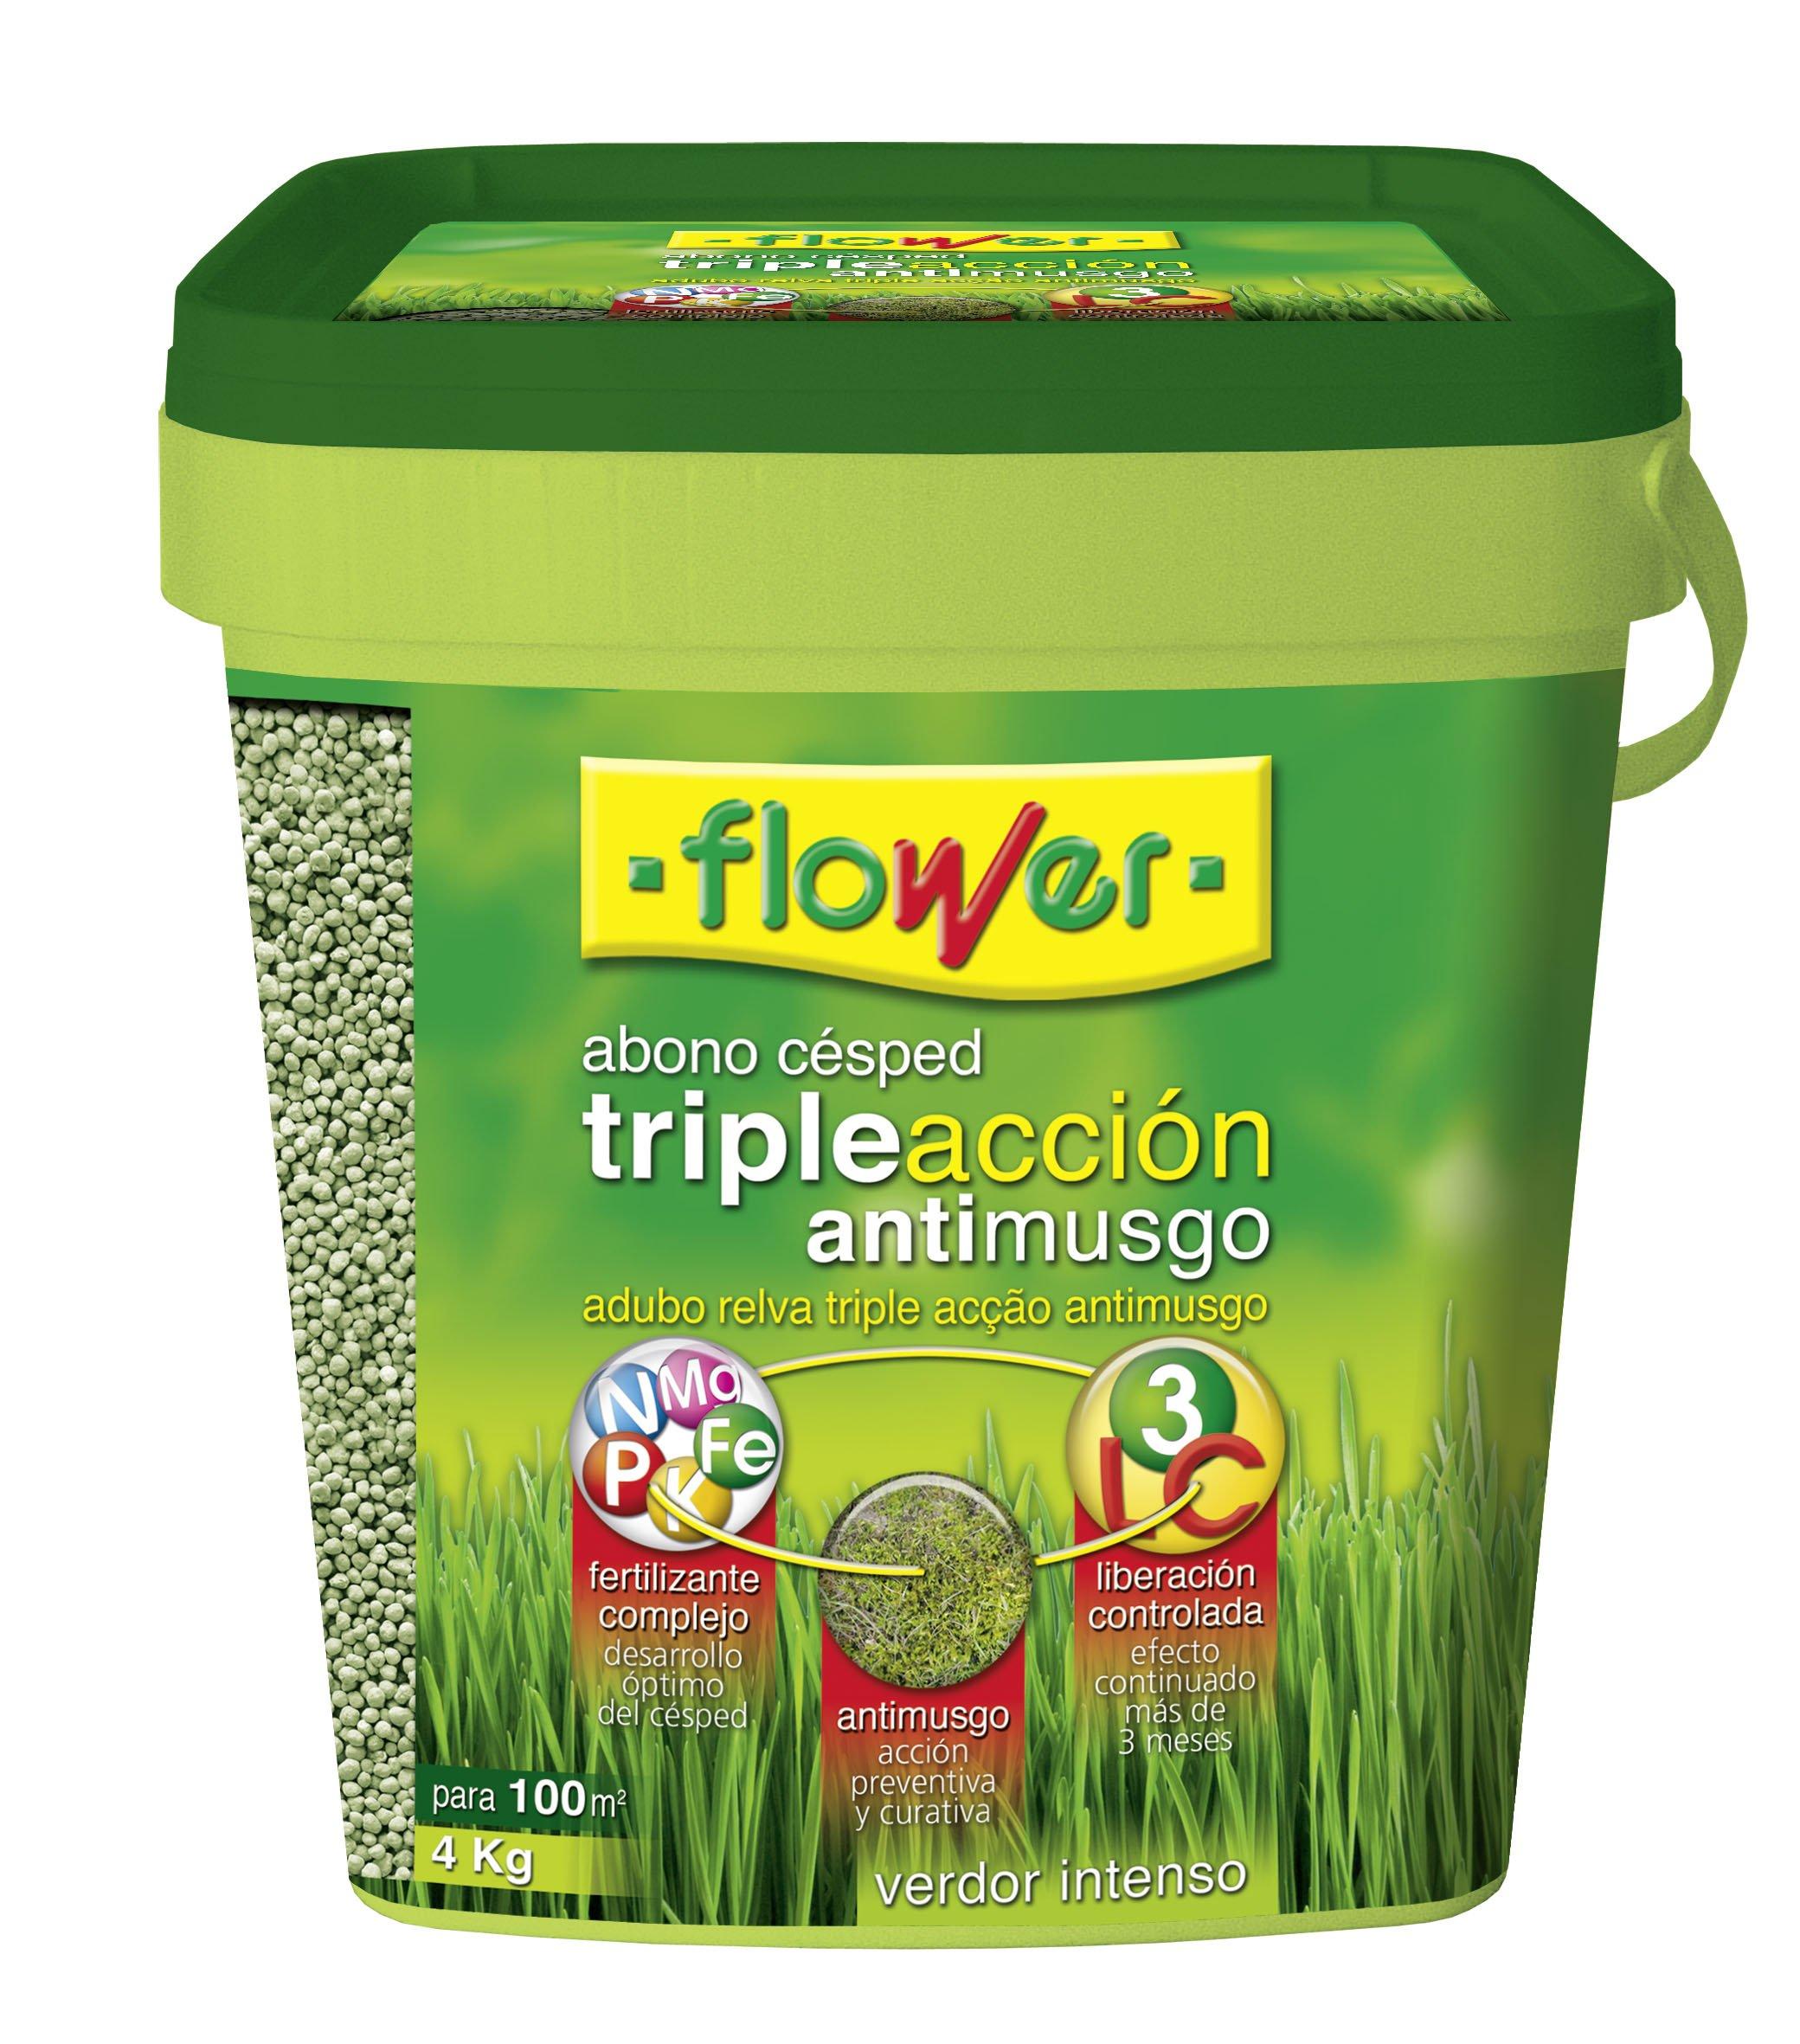 Flower 10733 10733-Abono césped triple acción anti musgo, 4 kg, No aplica, 20x20x20.7 cm: Amazon.es: Jardín